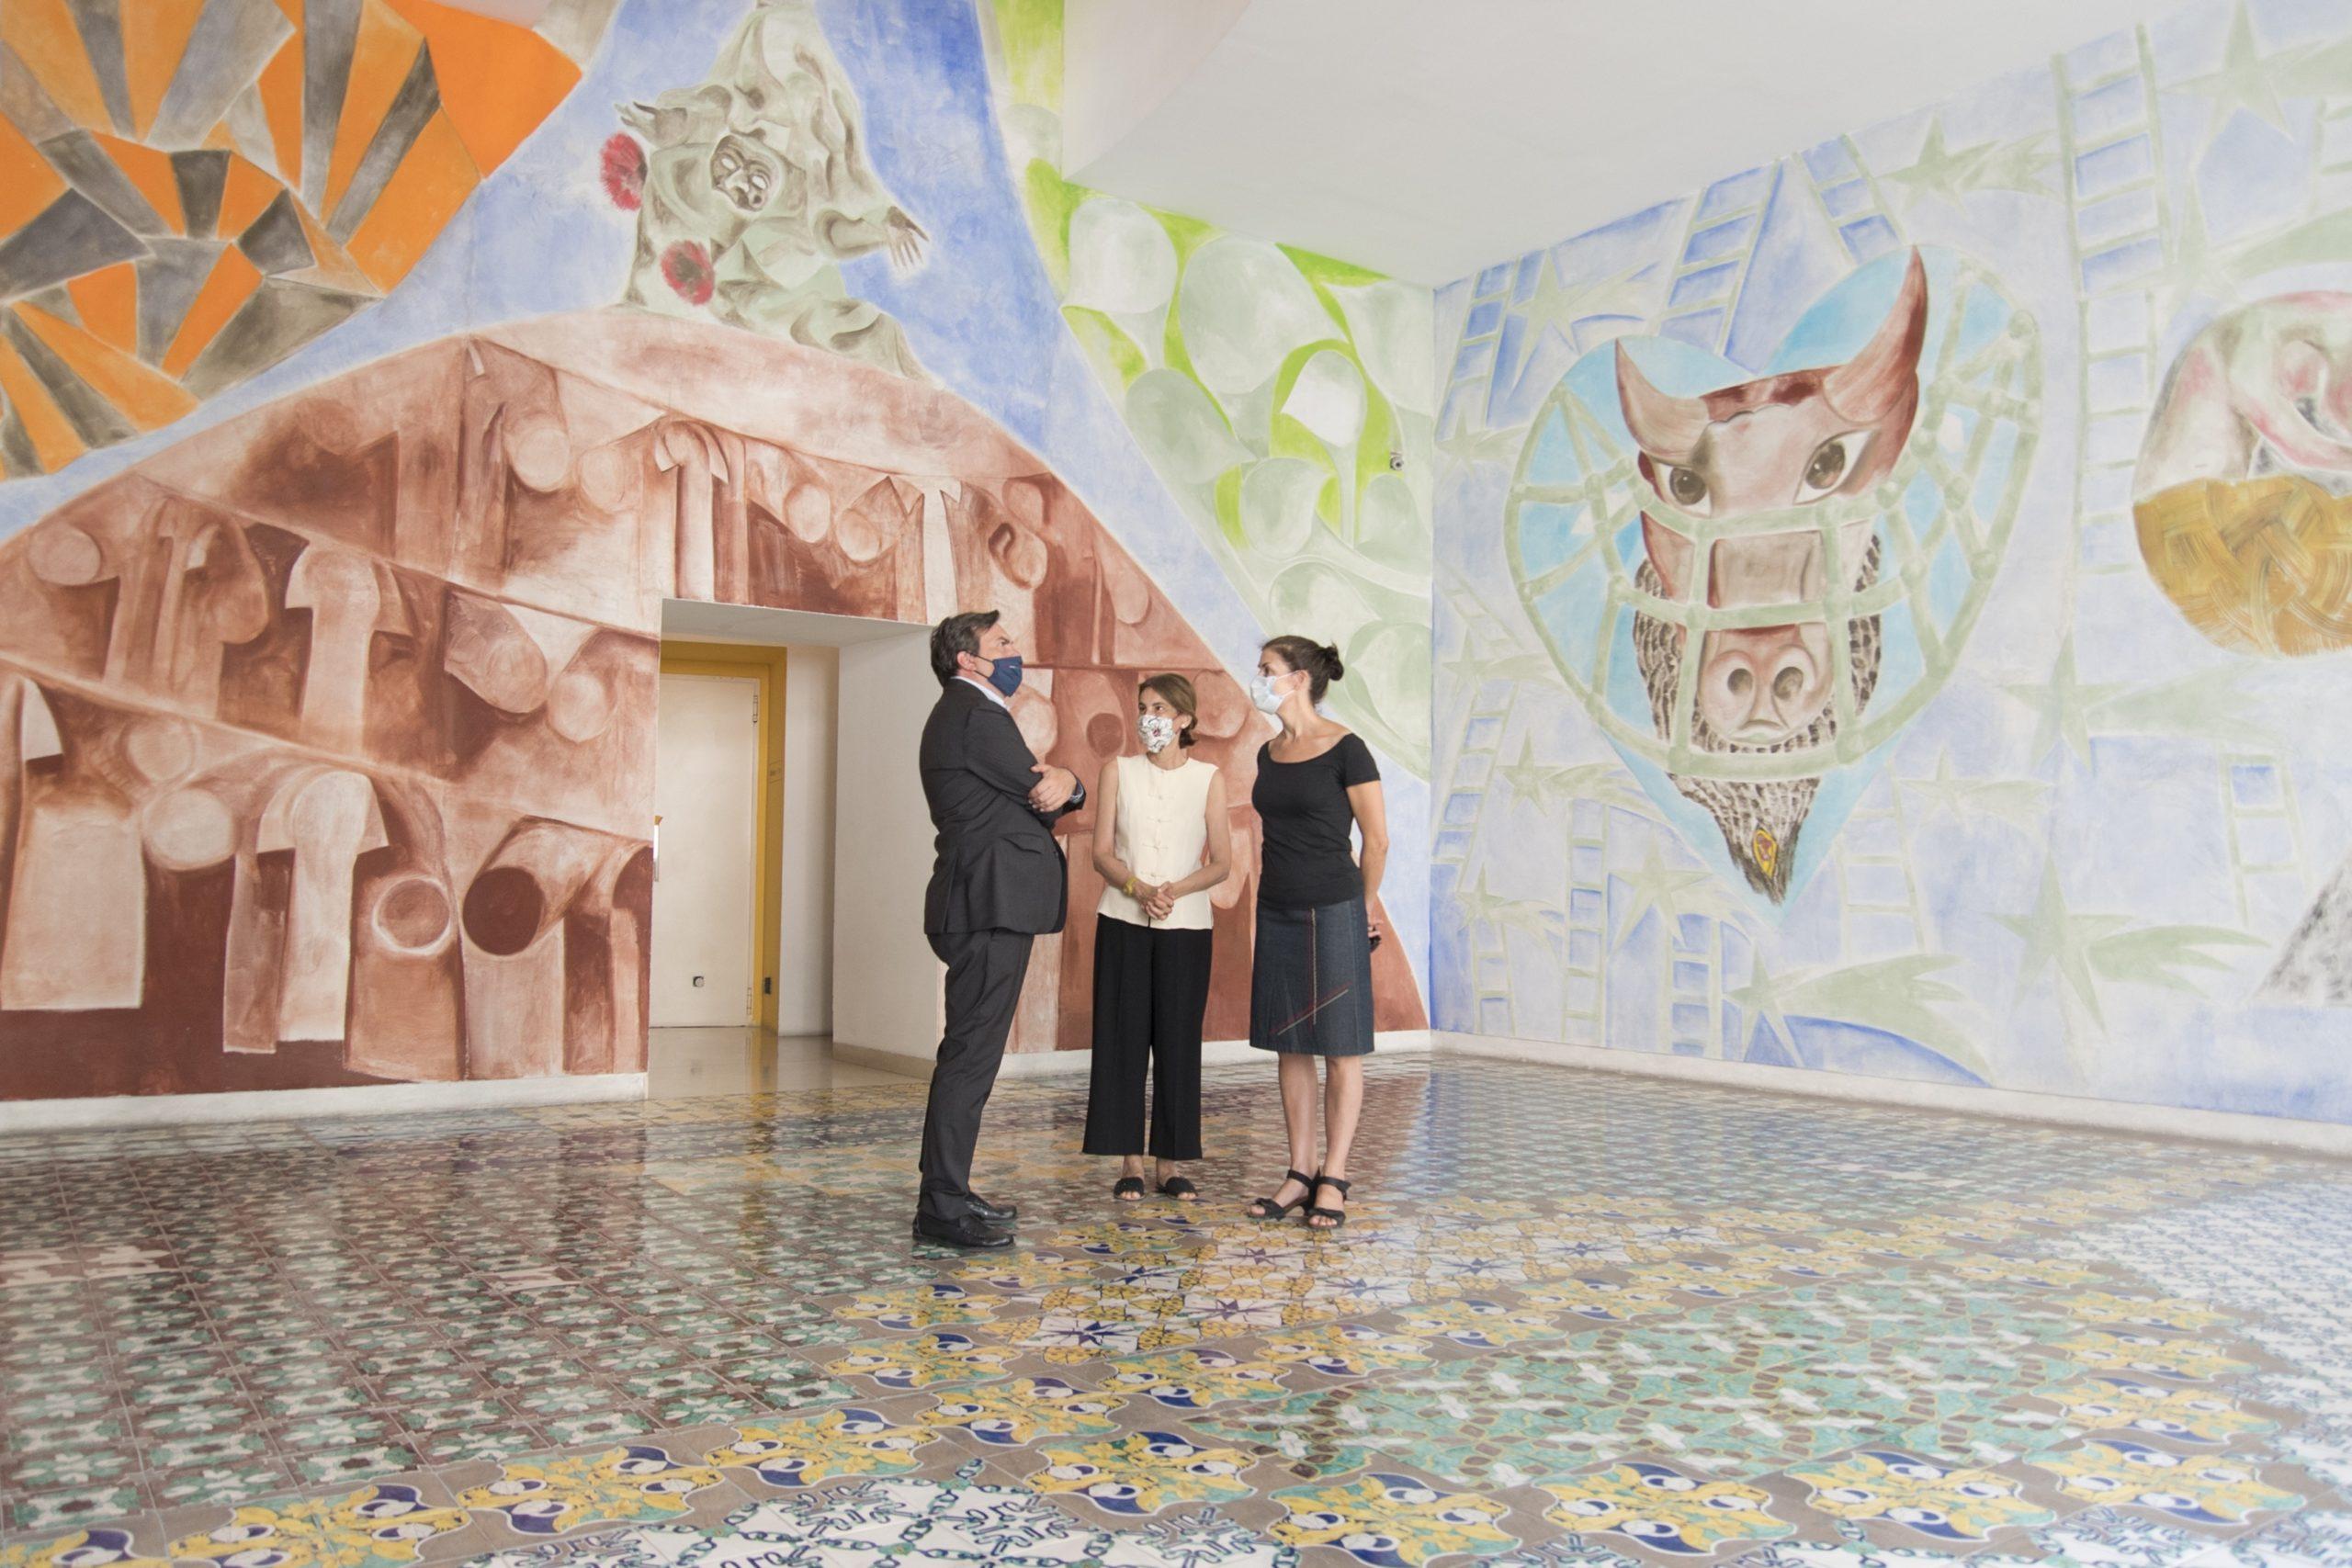 Il Ministro Amendola in visita privata al Madre